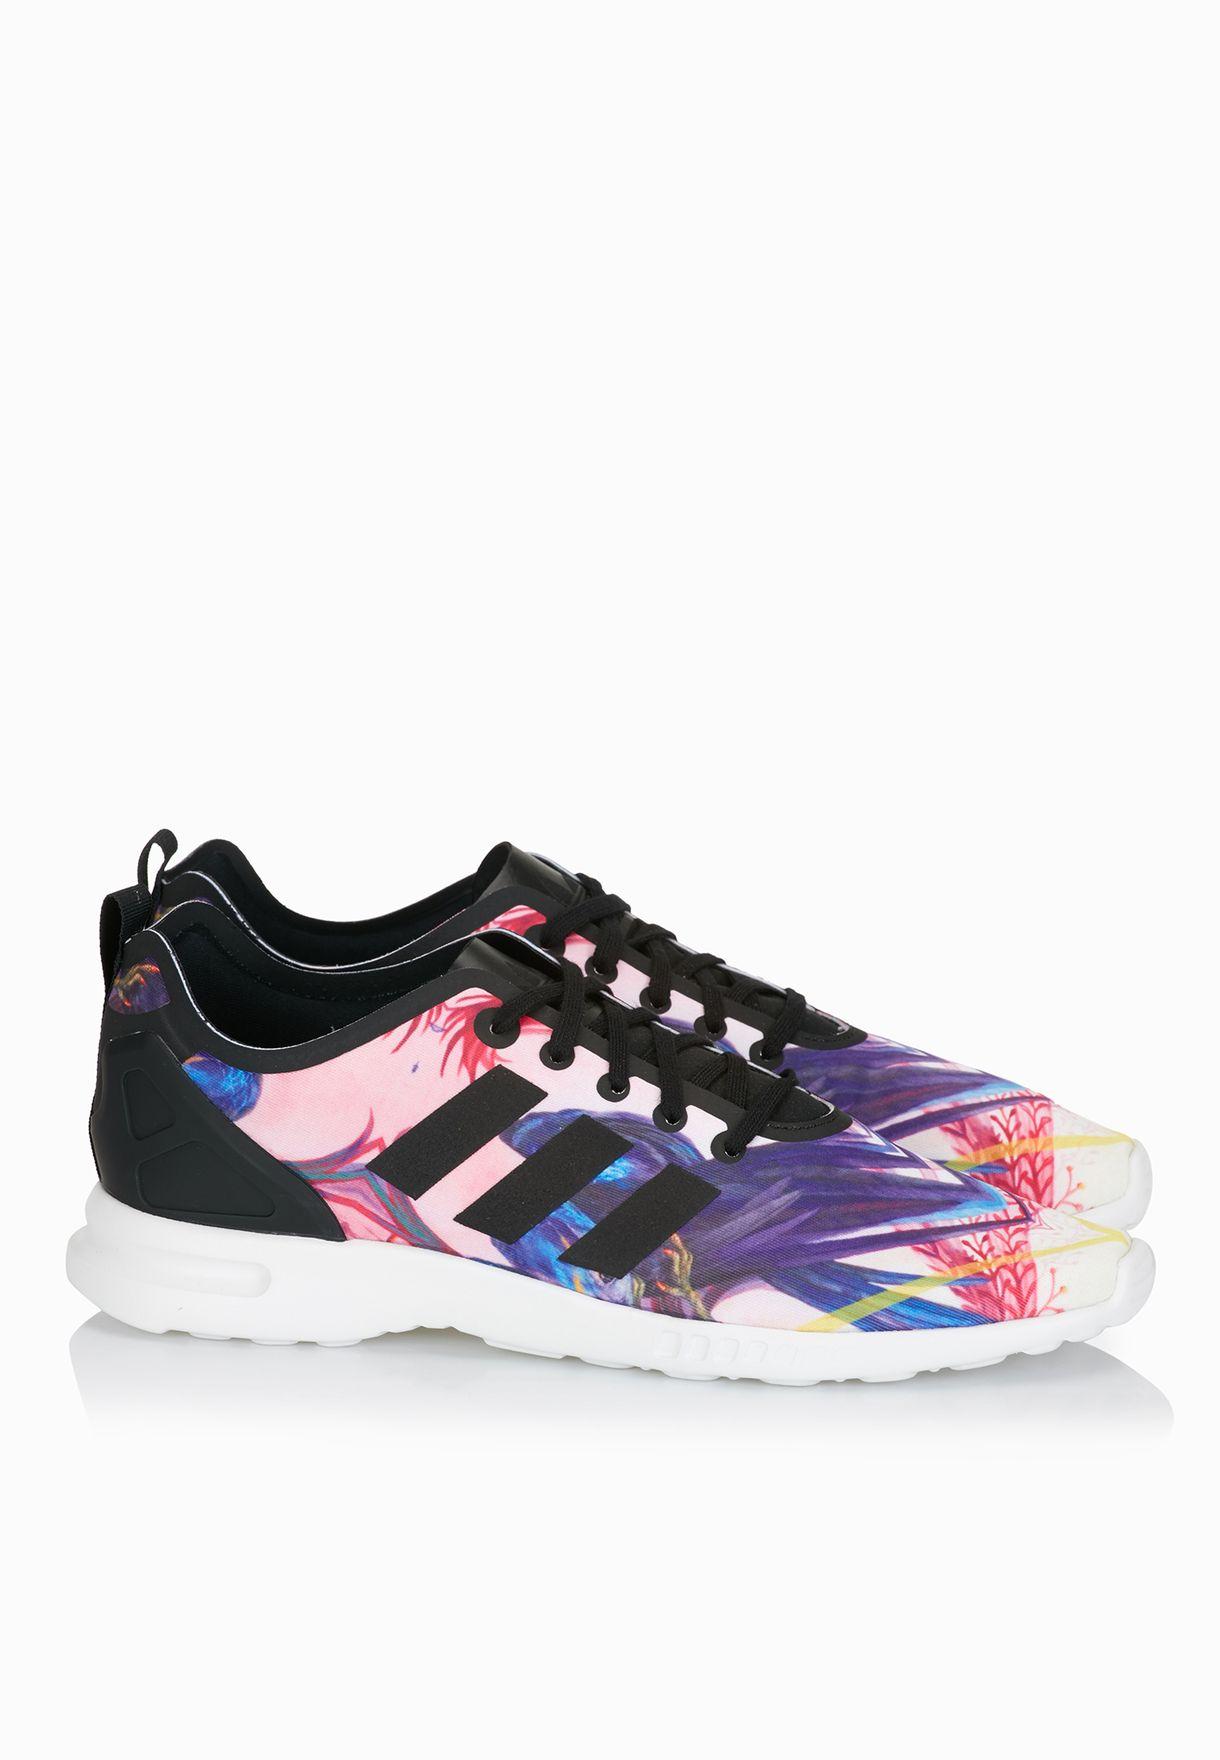 63de6fae74775 Shop adidas Originals multicolor ZX Flux Smooth Sneakers S82937 for ...